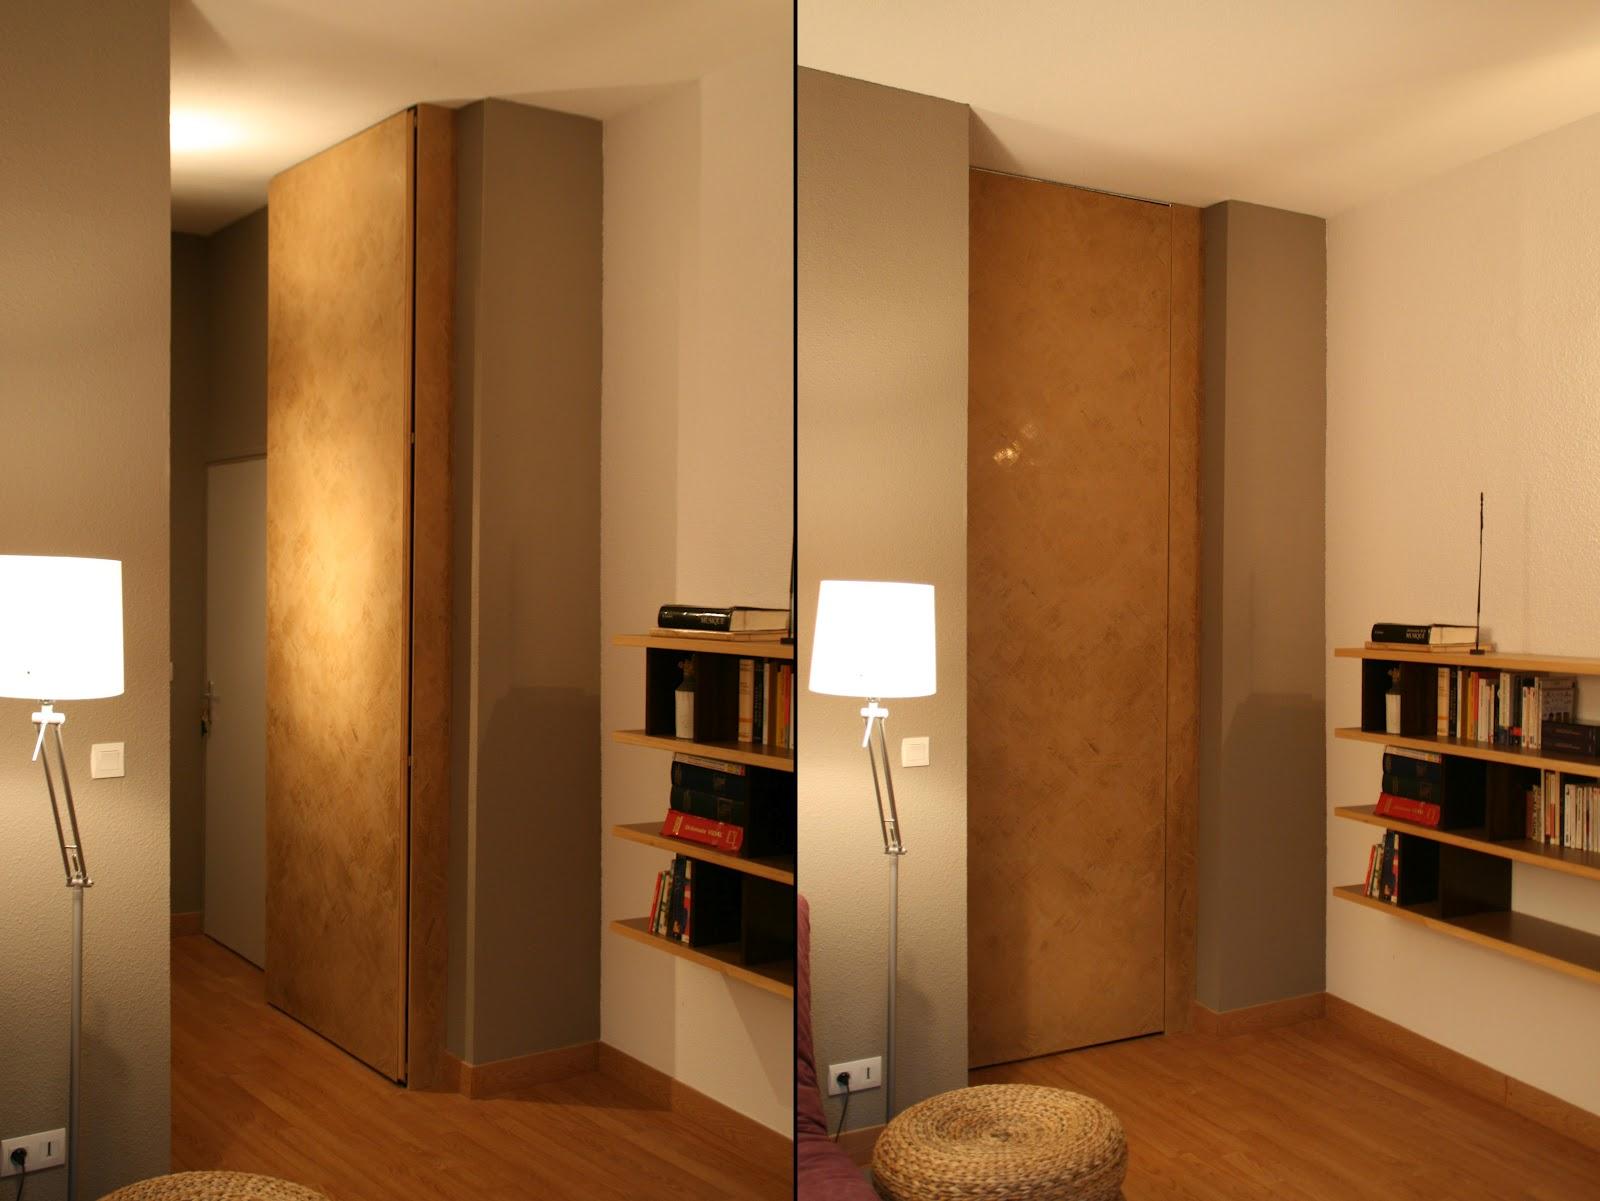 got bertrand 03 07 11 10 07 11. Black Bedroom Furniture Sets. Home Design Ideas